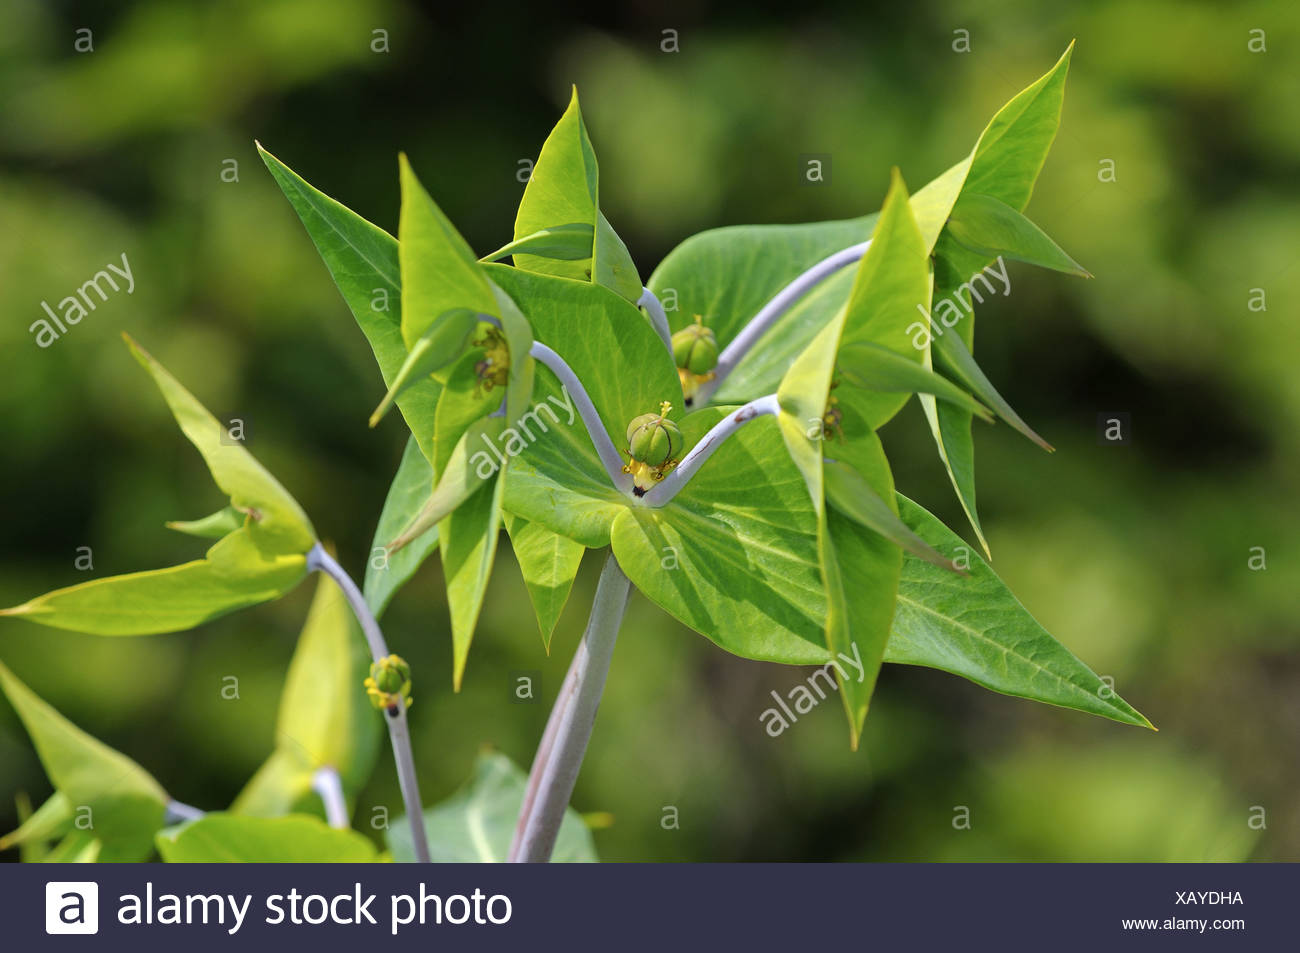 Caper spurge, Euphorbia lathyris - Stock Image